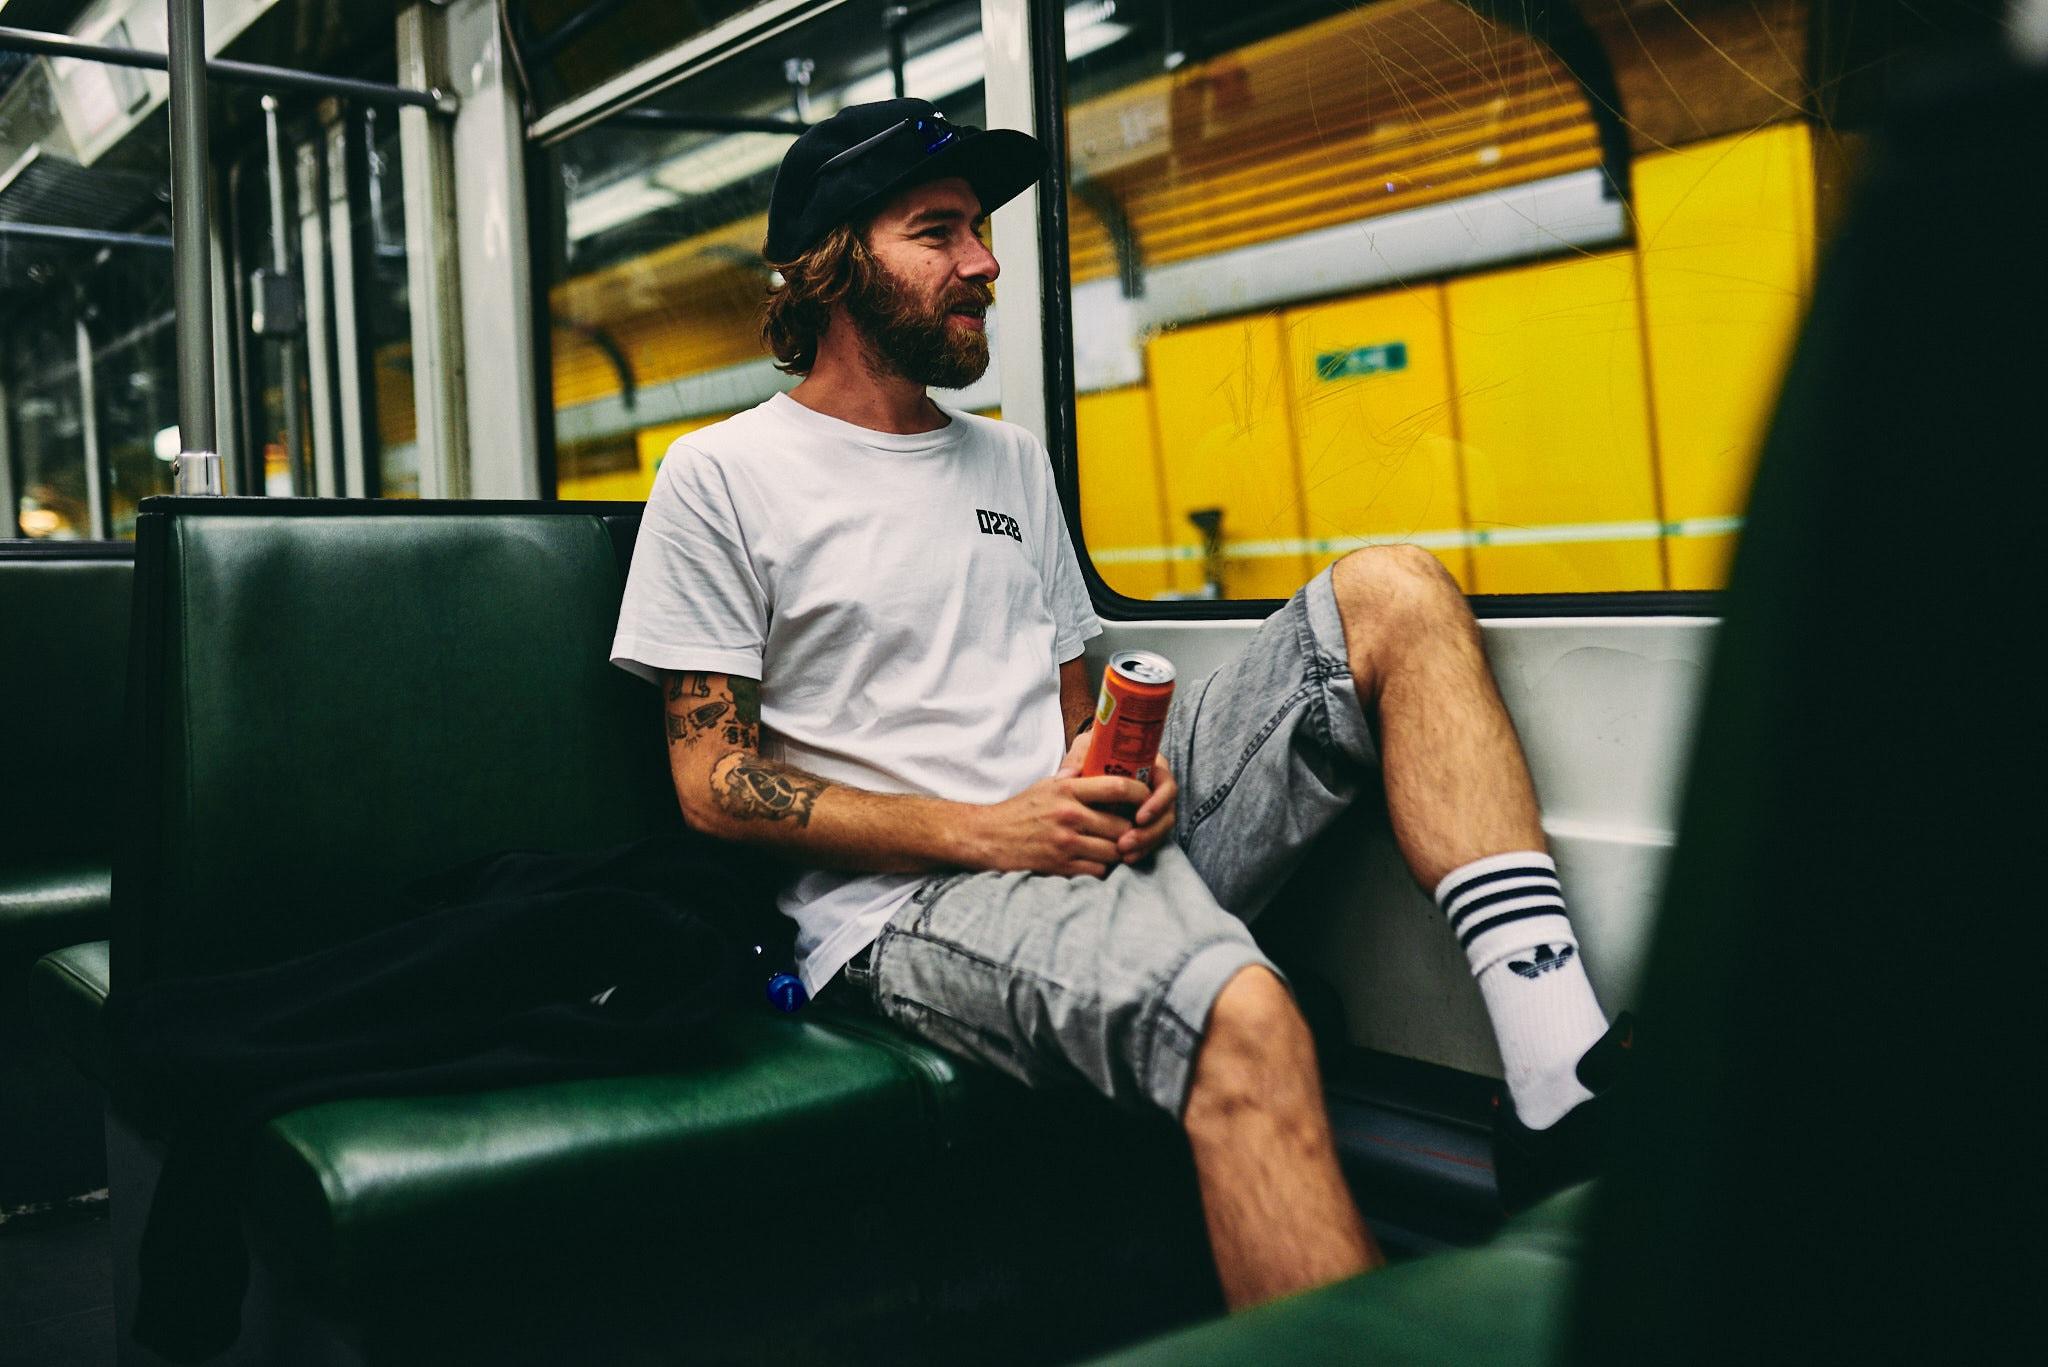 Philipp schaut aus dem Fenster der U-Bahn.